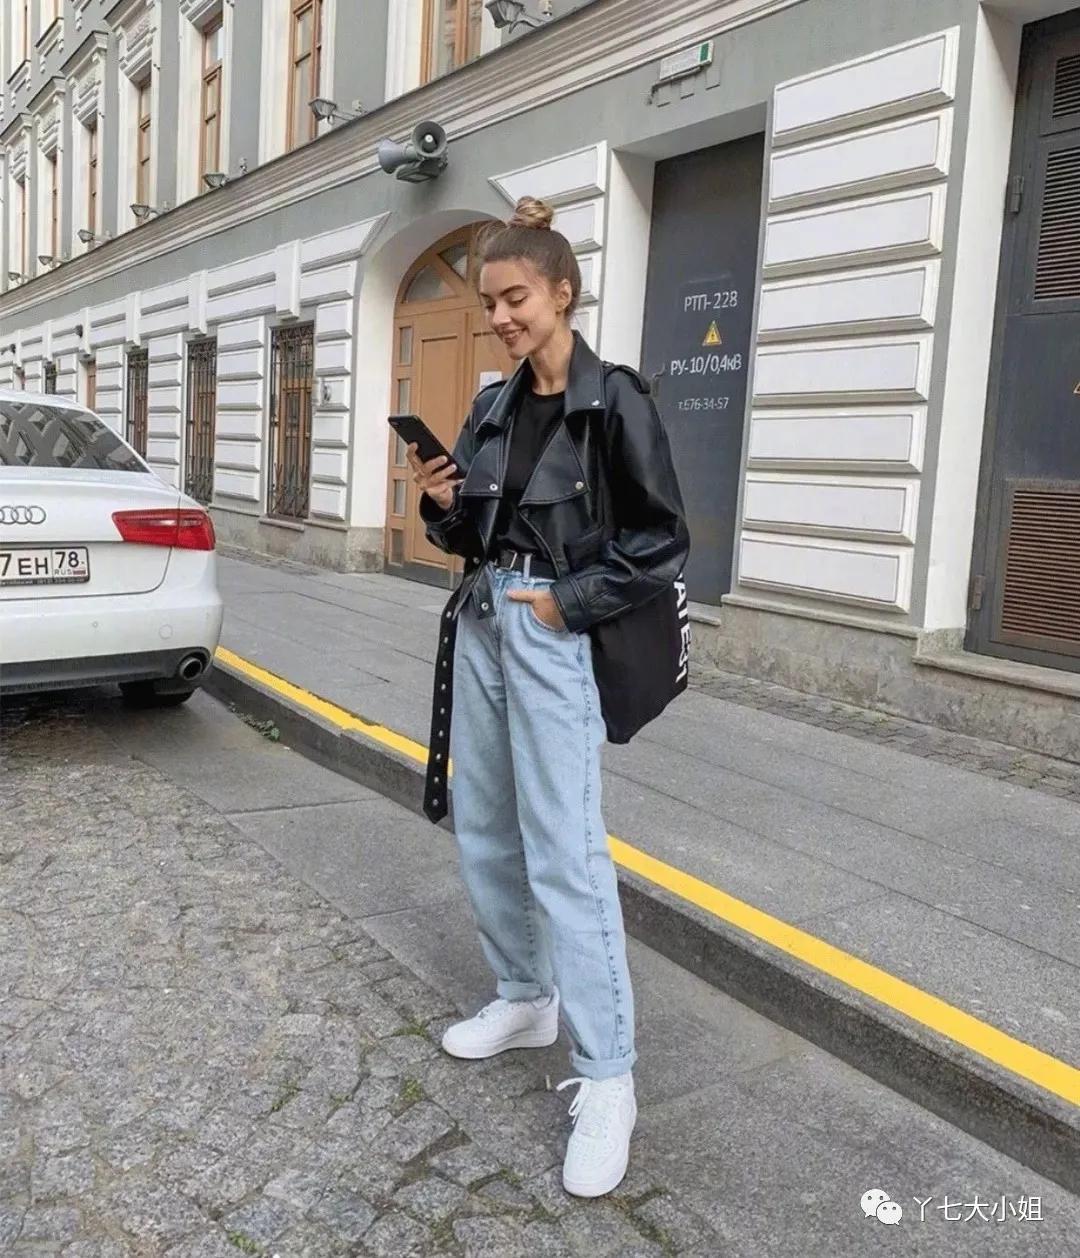 Áo khoác da có phần cứng nhắc hơn áo khoác denim, vì vậy áo khoác da cũng rất thích hợp để phối cùng quần jeans tạo cảm giác cool ngầu cá tính